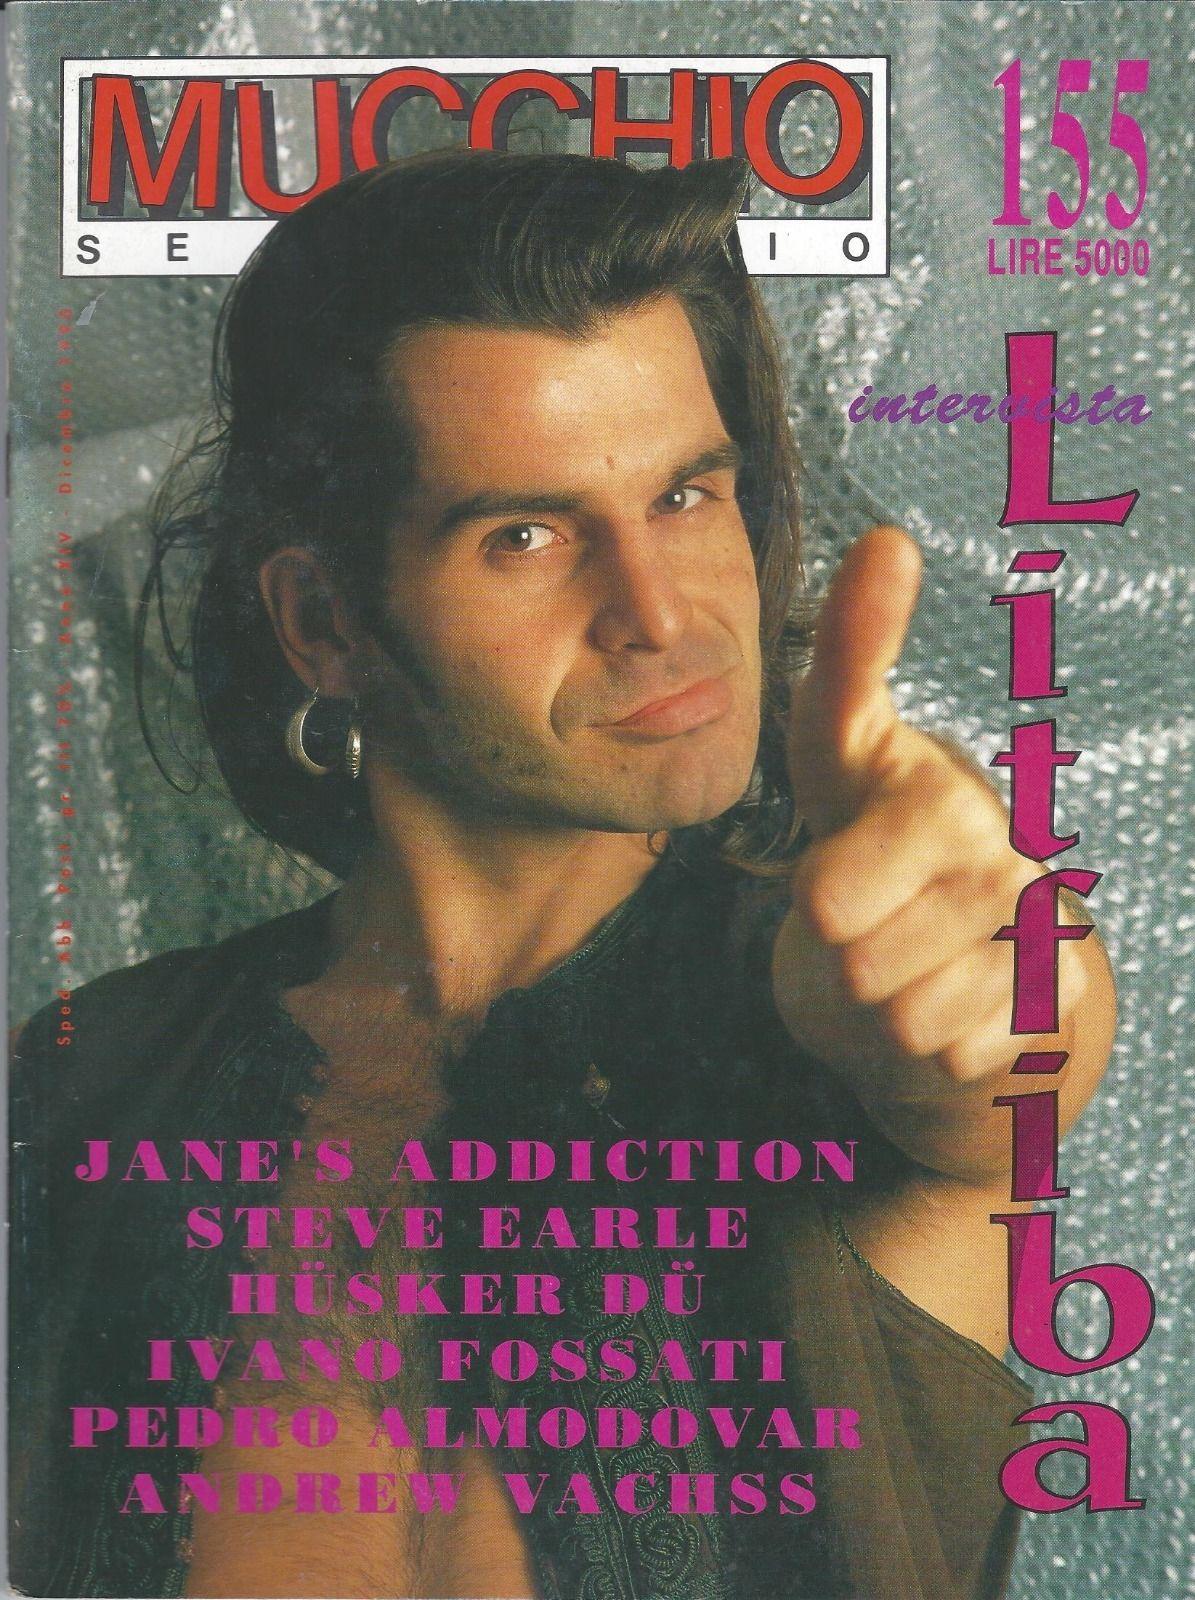 Mucchio selvaggio n. 155 (dicembre 1990)